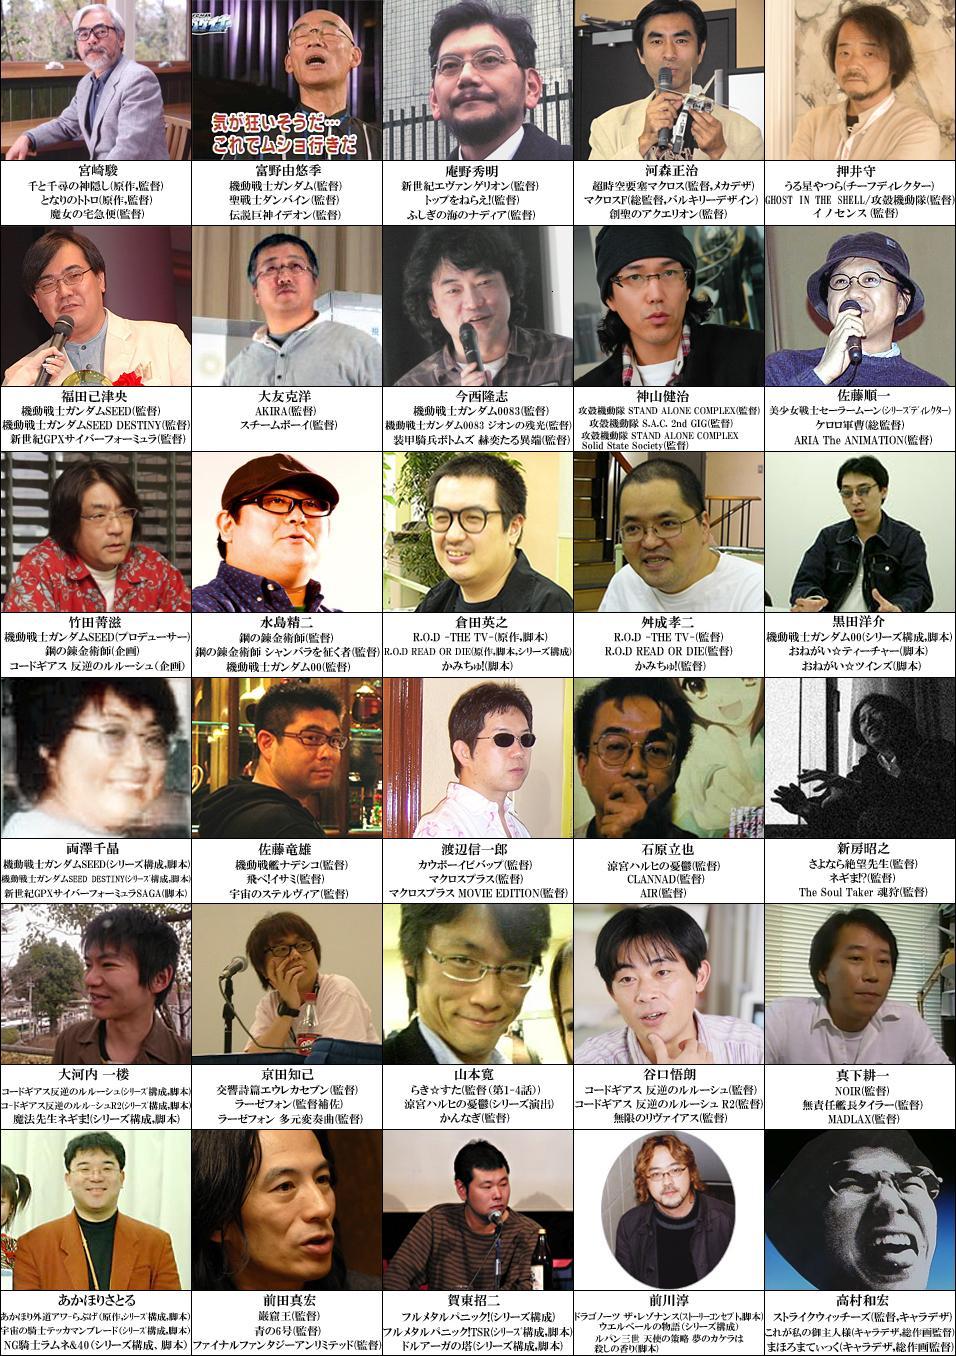 高畑勲76歳、宮崎駿71歳…アニメ監督の高齢化は進んでいるか?